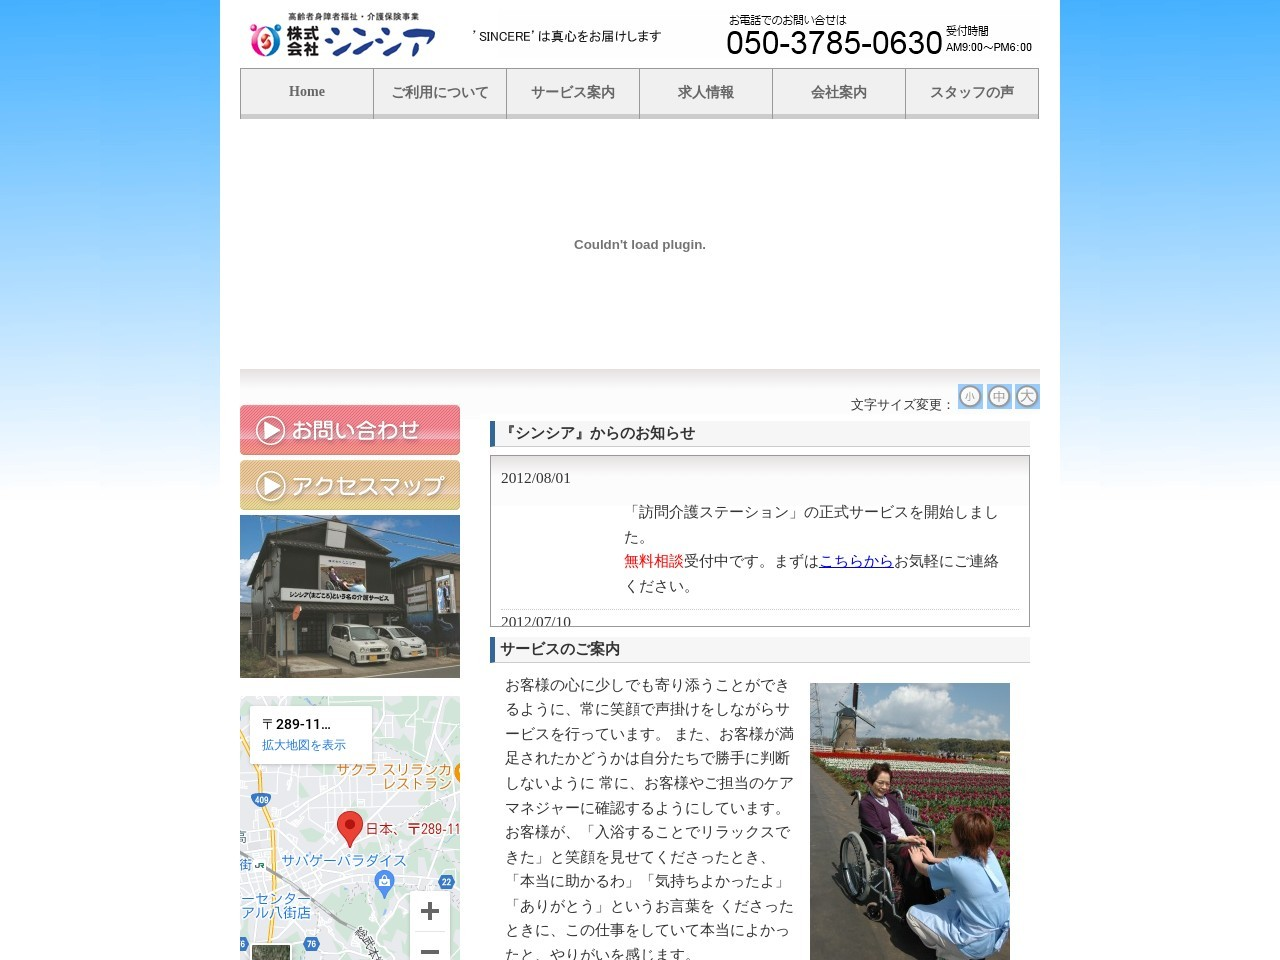 【公式】千葉県八街市 介護のことなら『まごころ介護』のシンシアへ|高齢者身障者福祉・介護保険事業|株式会社シンシア